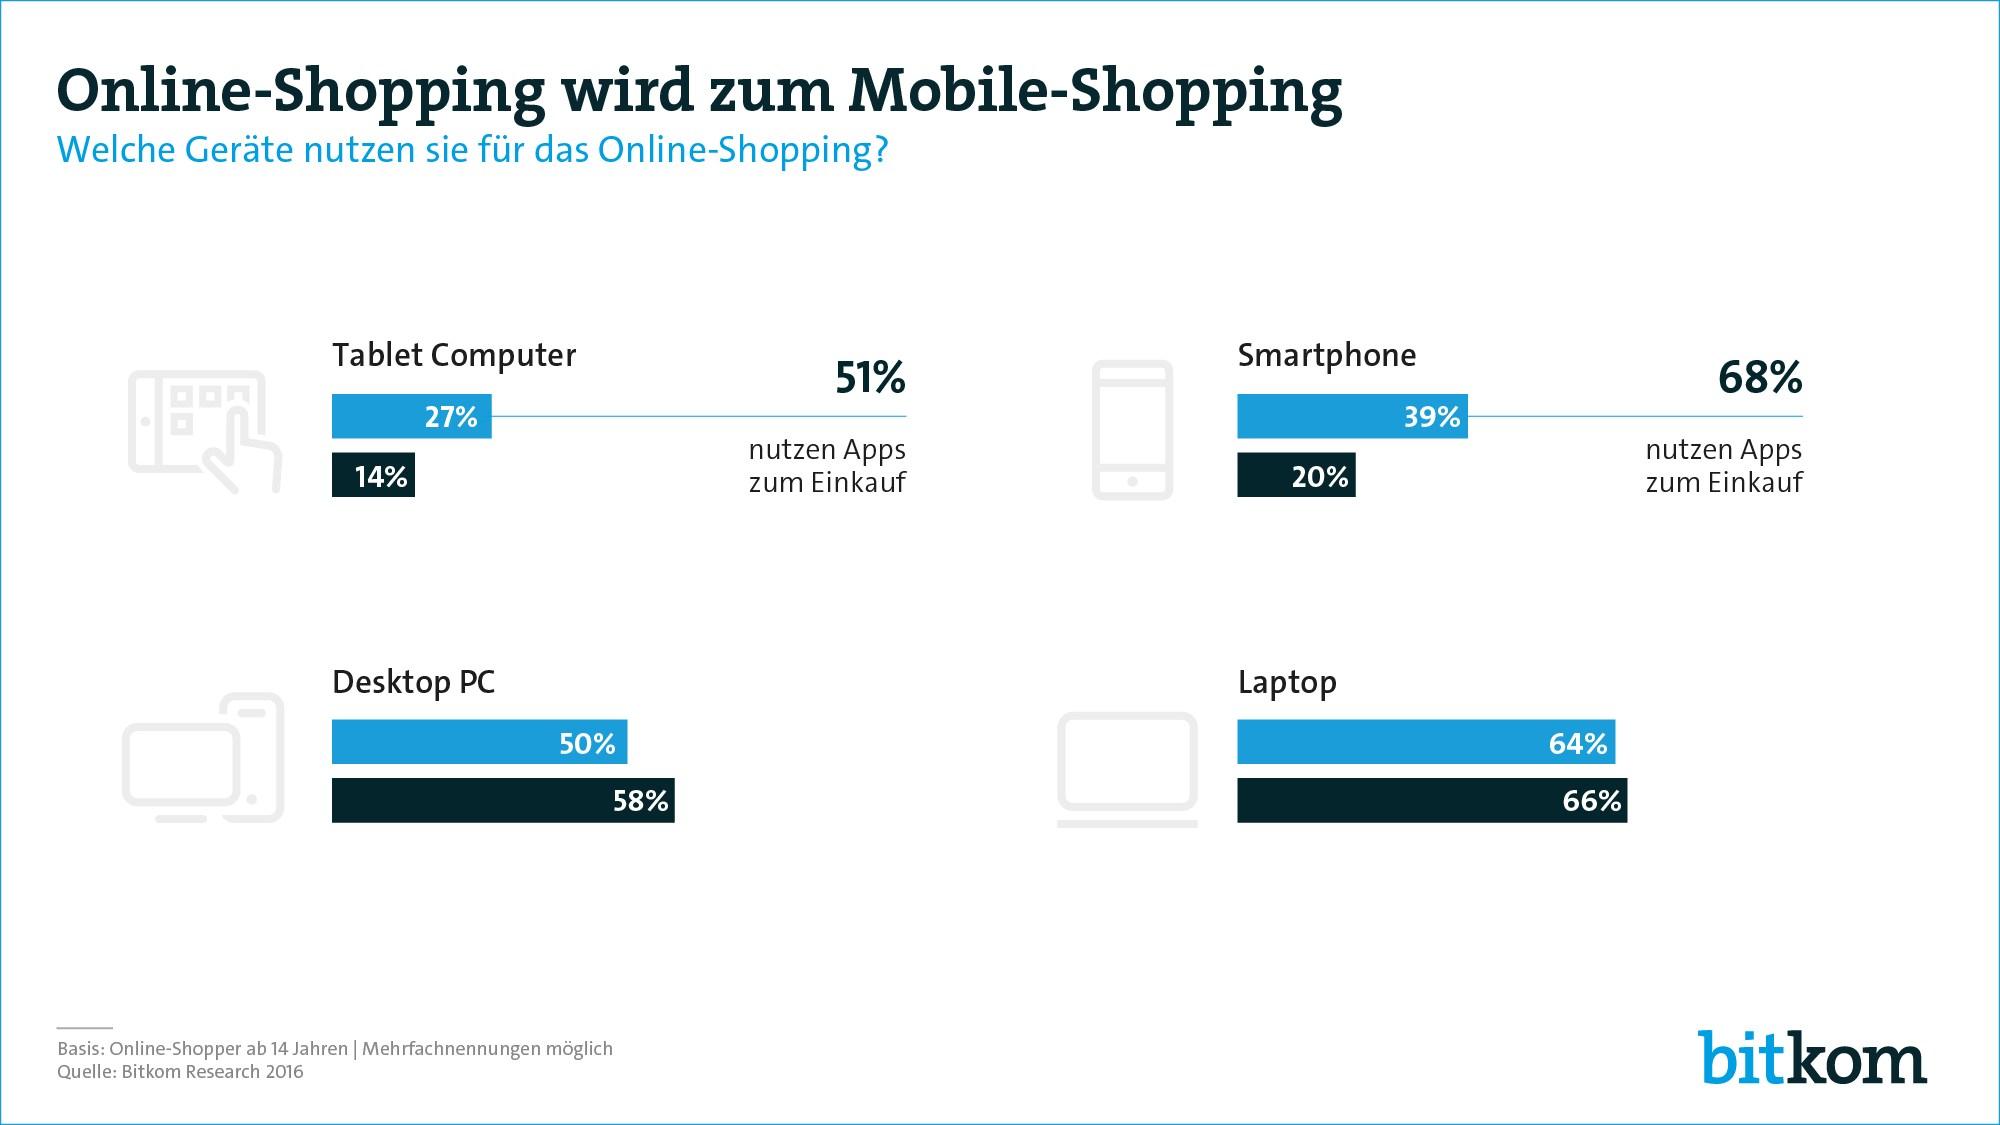 grafik-bitkom-online-shopping-mobile-shopping